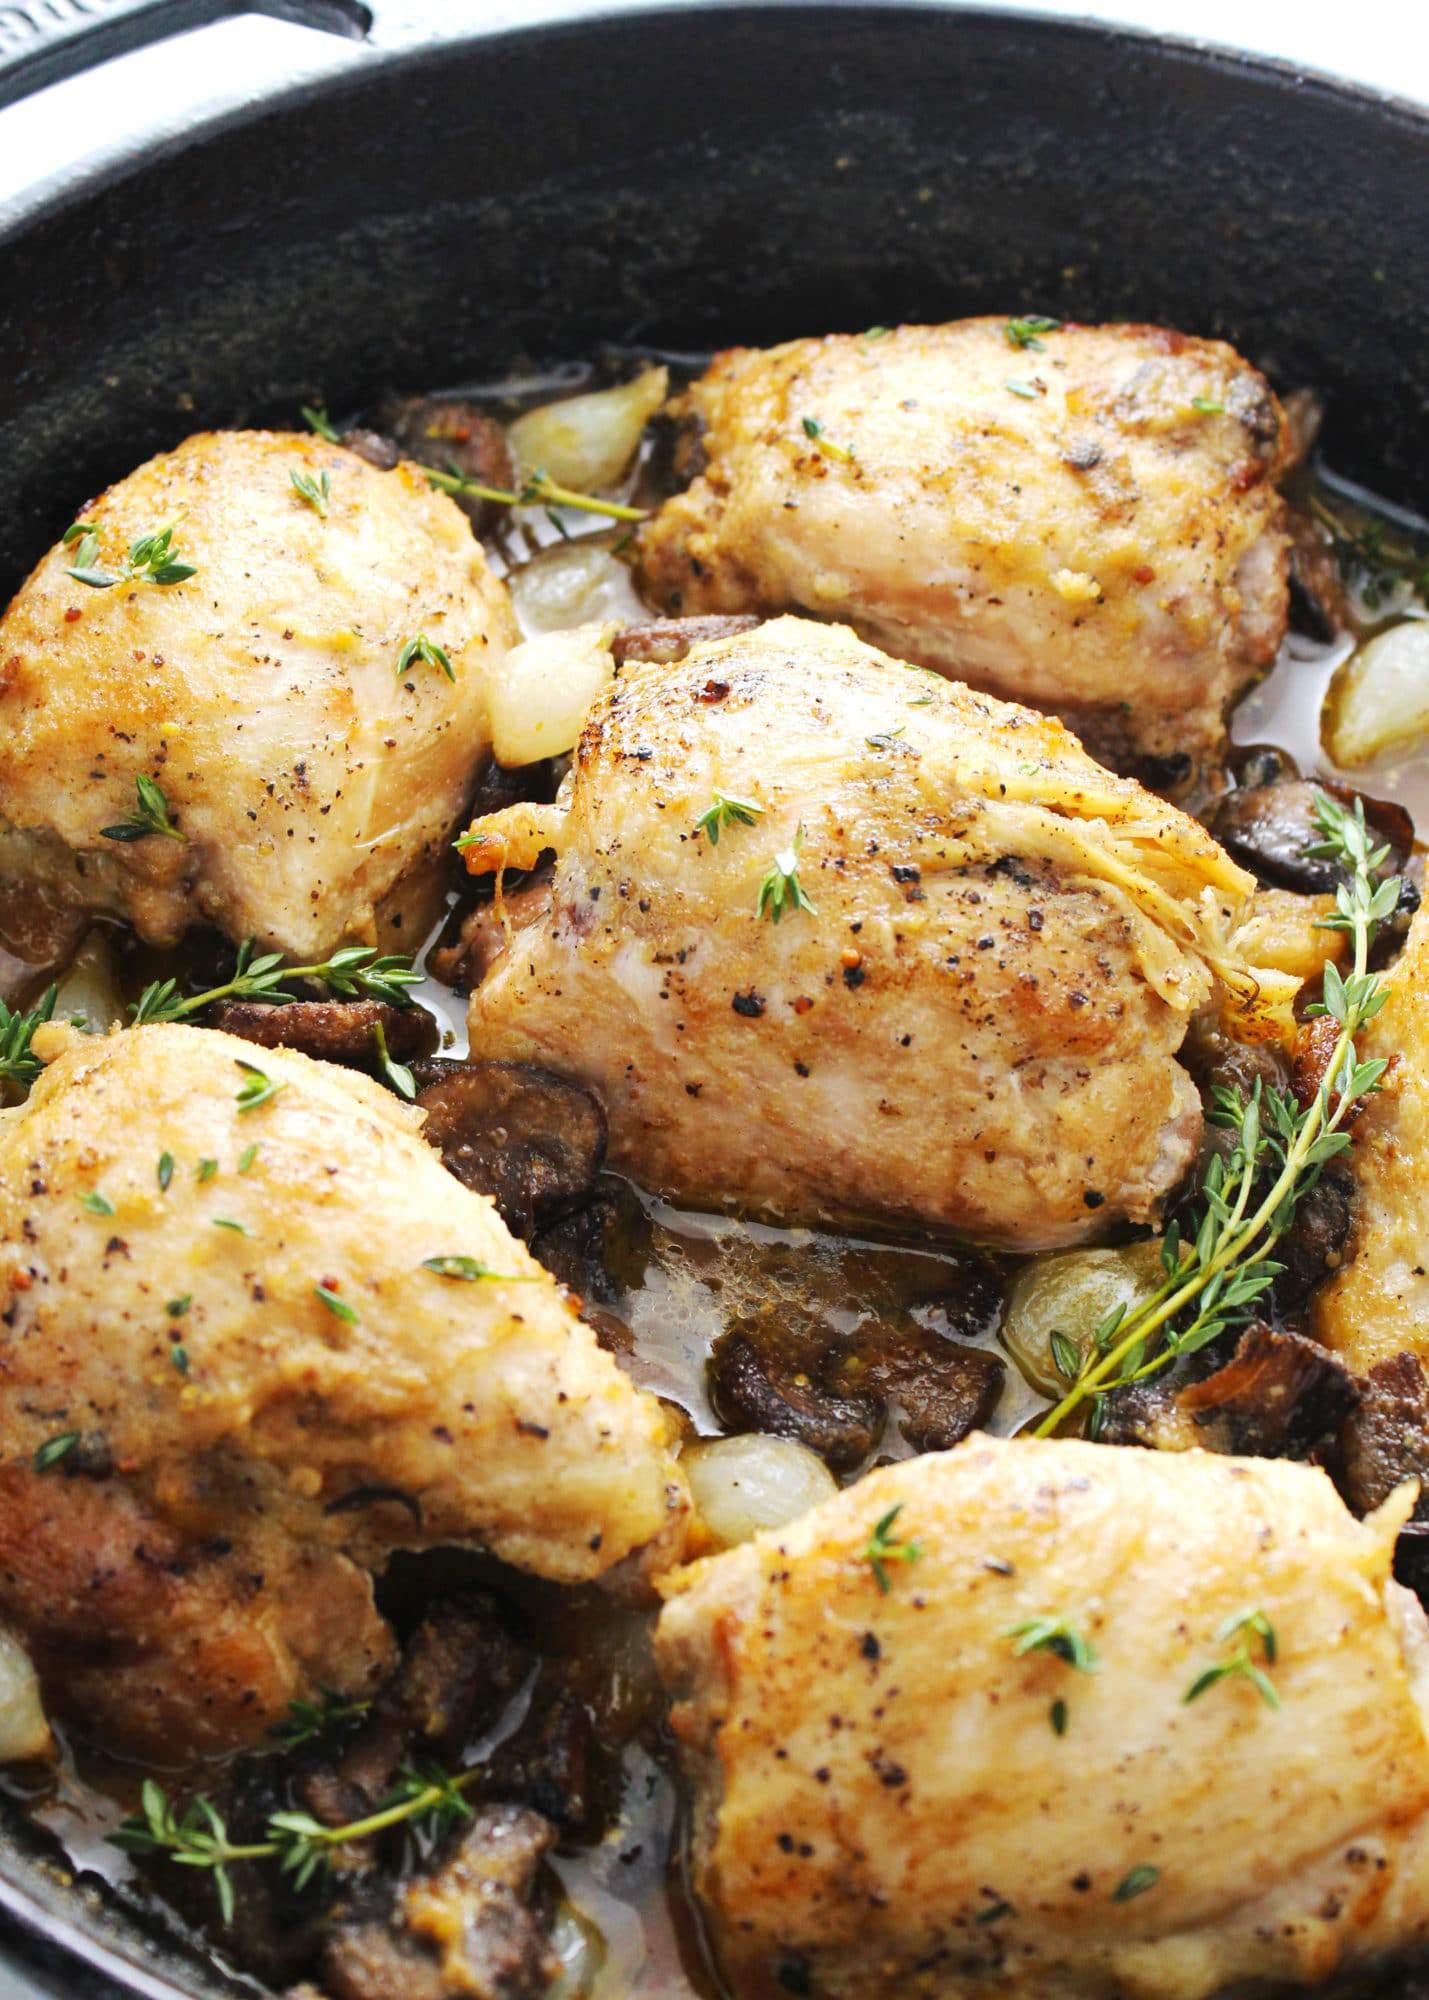 Skillet Chicken in Mushroom Sauce